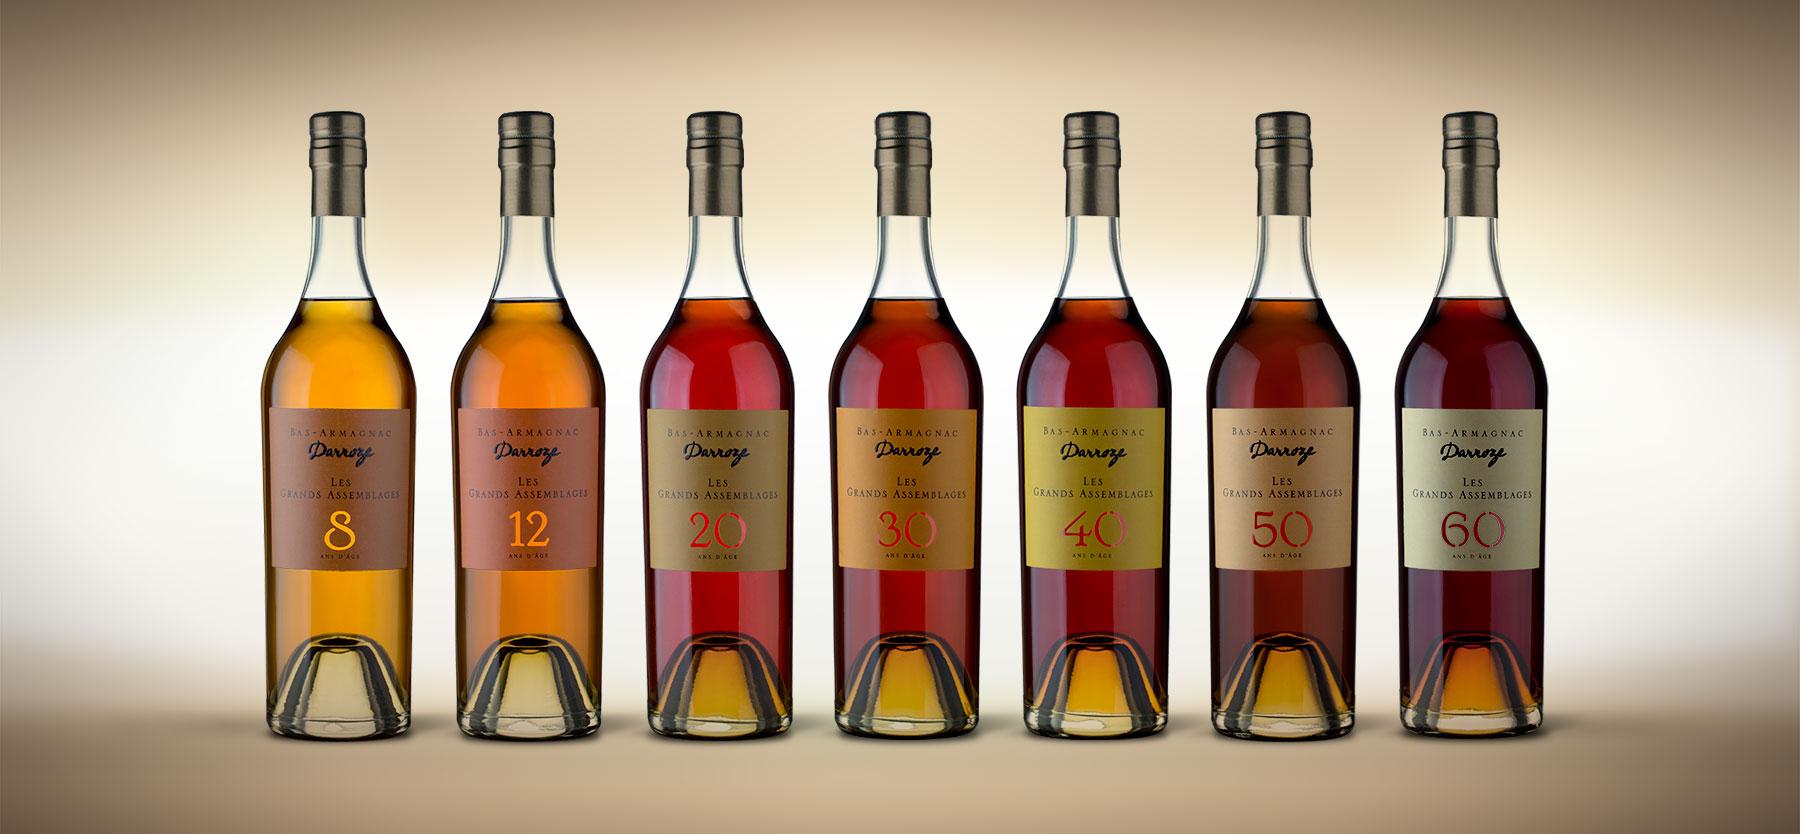 Так меняется с годами цвет элитного напитка Источник http://darroze-armagnacs.fr/